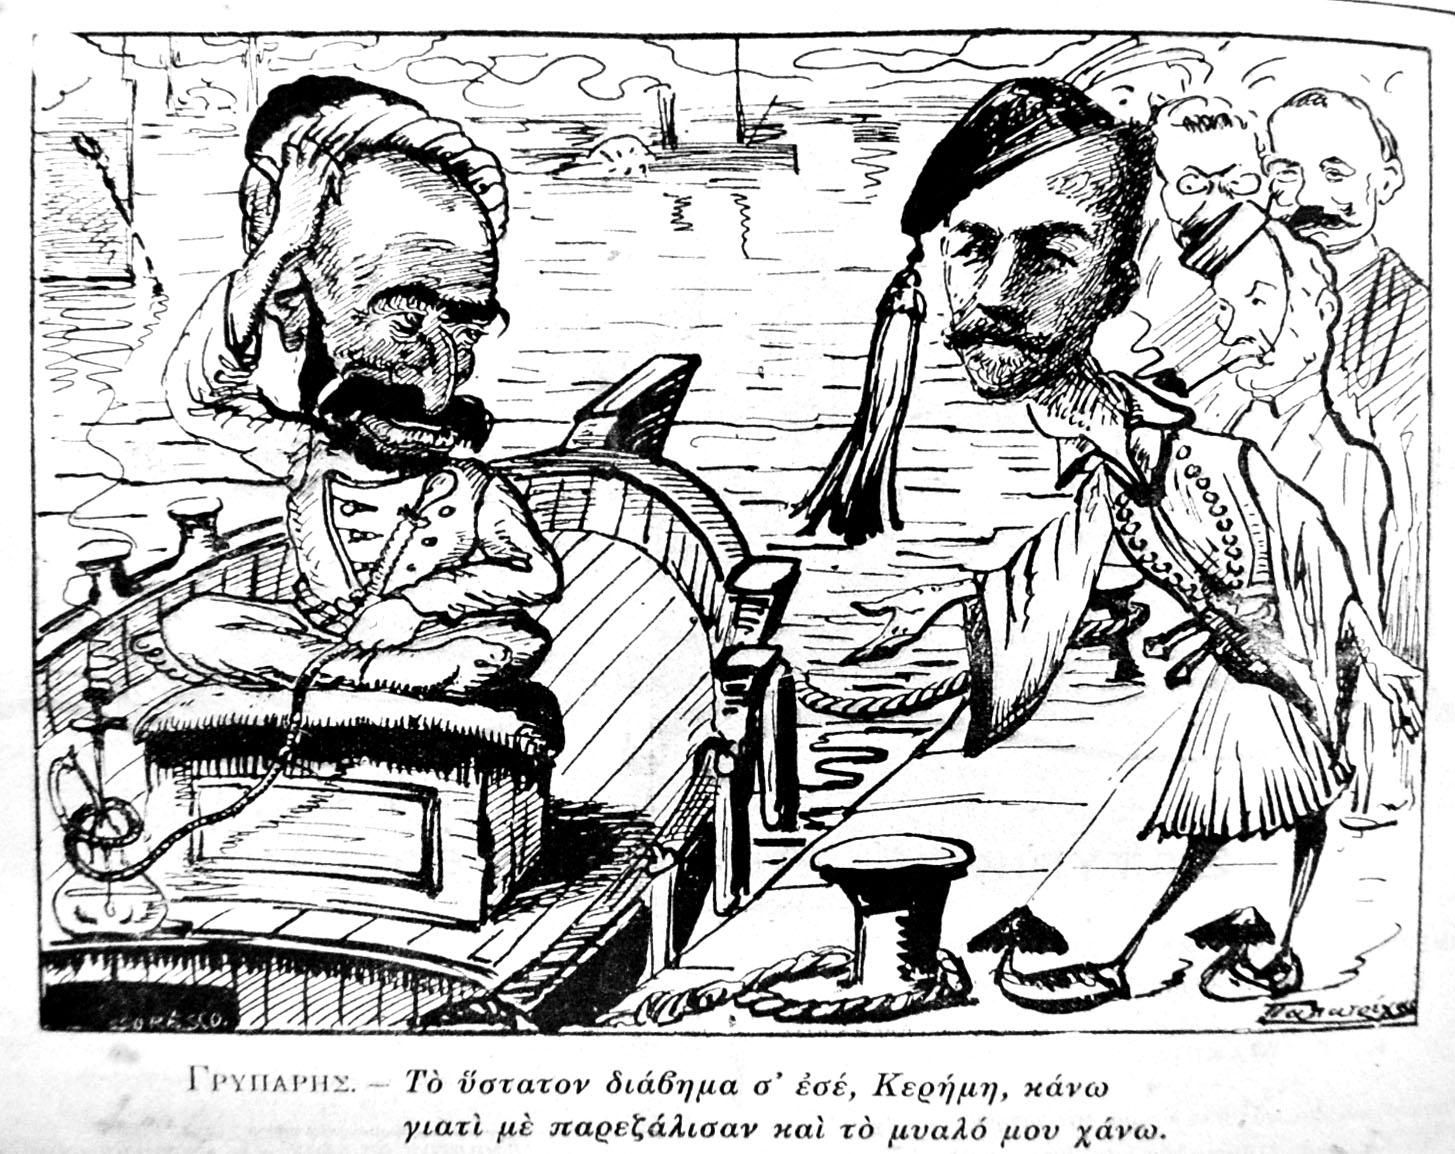 1908 sonrasında Müslüman-gayrimüslim geriliminin yansıdığı alanlardan biri de hızla kitleselleşen basın oldu.